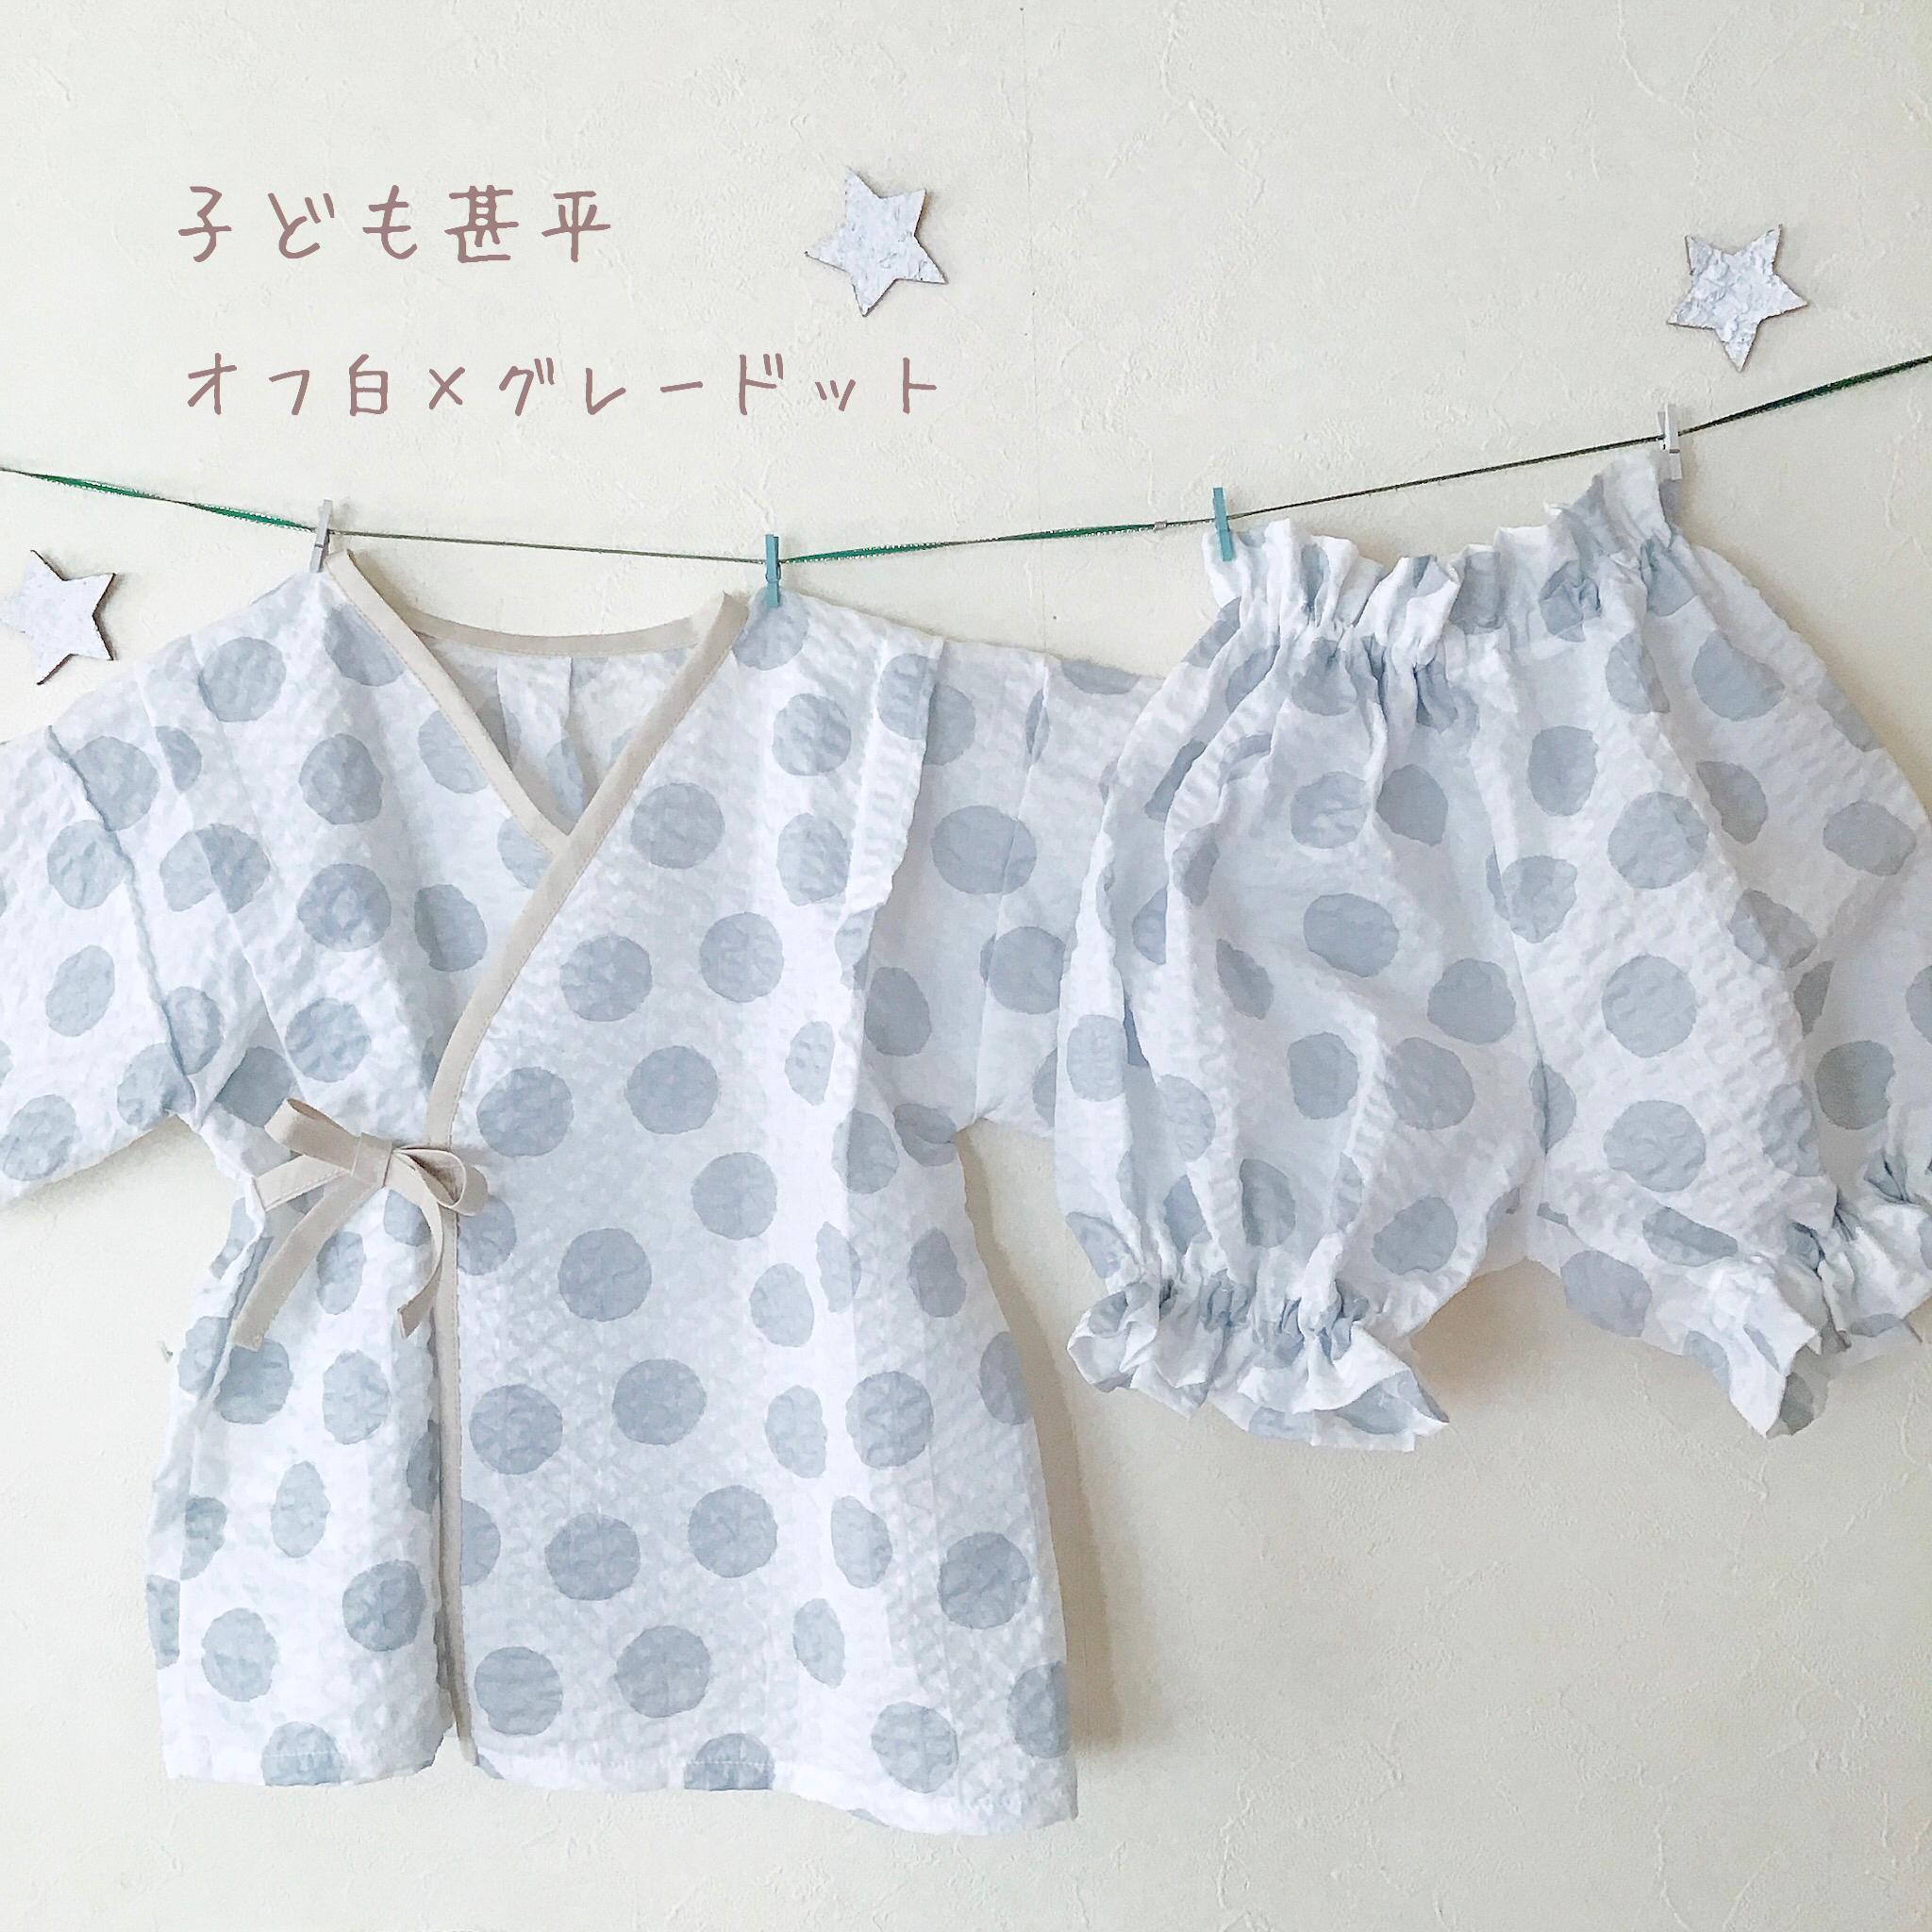 夏にぴったり サラサラさっぱり 子ども甚平(オフ白×グレードット)